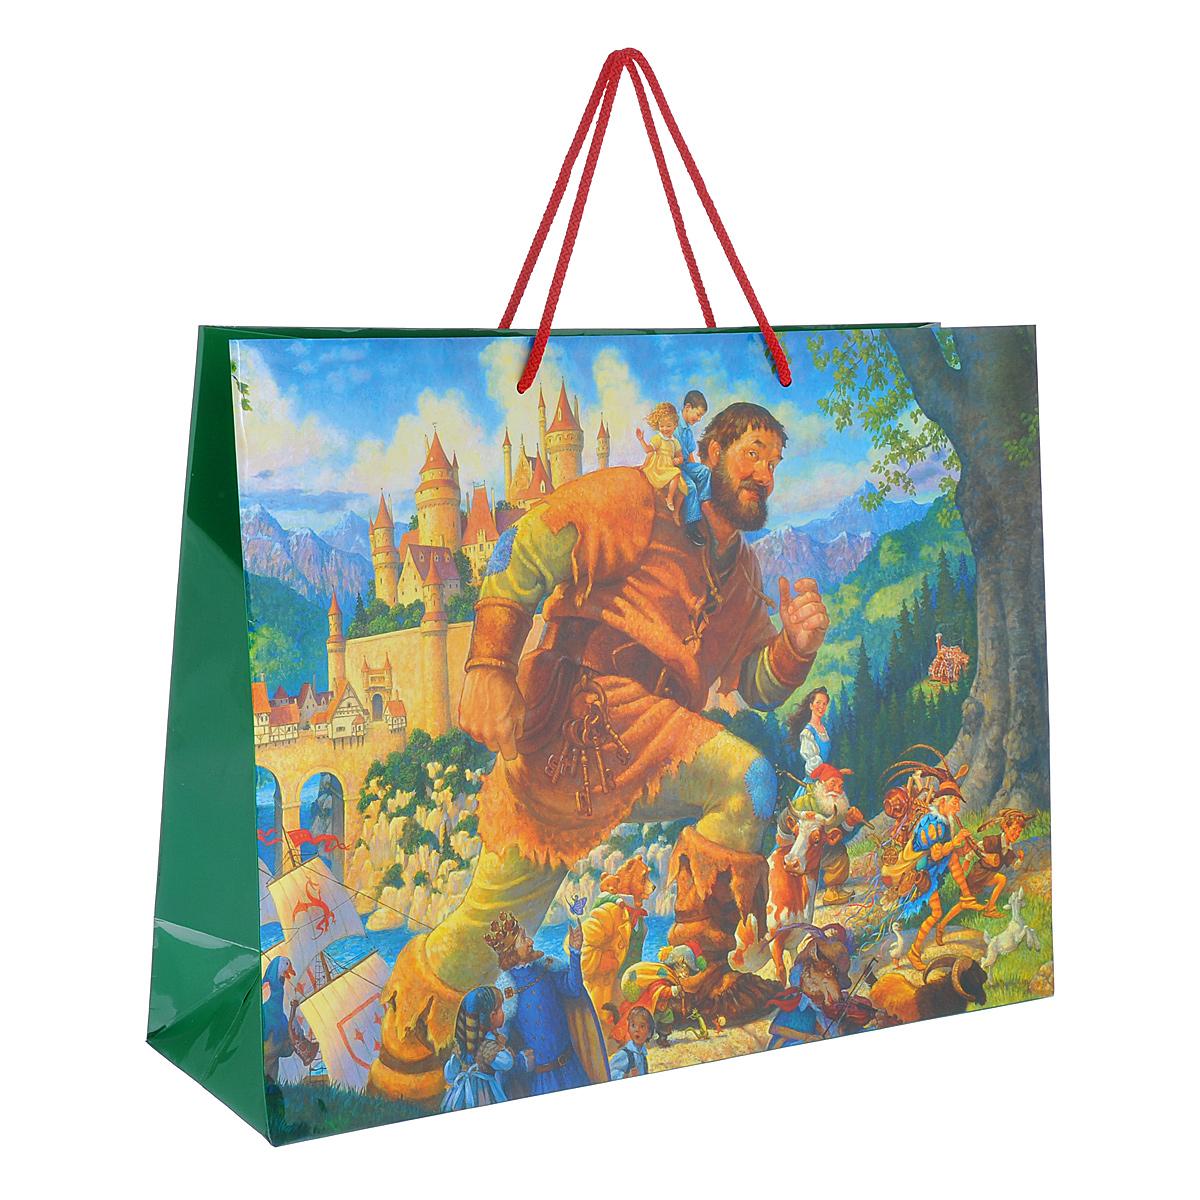 Пакет подарочный Счастливы навек, 45 см х 35 см х 14 см36279Подарочный пакет Счастливы навек выполнен из плотной ламинированной бумаги, оформленной изображением сказочной страны с великанами, принцессами и гномами. Идеально подходит для подарков детям. Дно изделия укреплено плотным картоном, который позволяет сохранить форму пакета и исключает возможность деформации под тяжестью подарка. Для удобной переноски на пакете имеются ручки-шнурки.Подарок, преподнесенный в оригинальной упаковке, всегда будет самым эффектным и запоминающимся. Окружите близких людей вниманием и заботой, вручив презент в нарядном, праздничном оформлении.